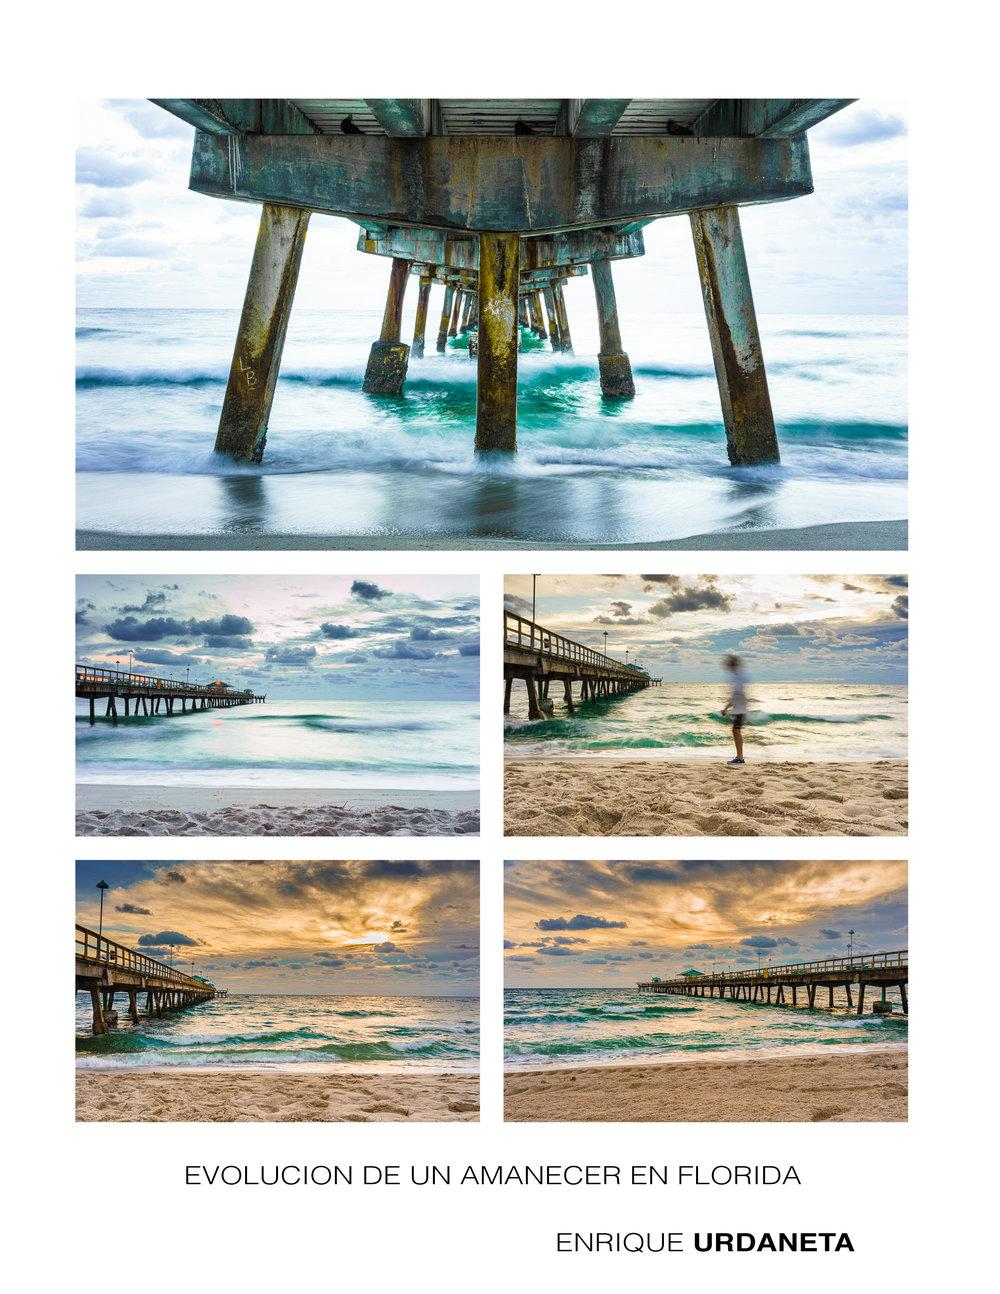 Evolucion de un amanecer en Florida por Enrique Urdaneta A.jpg